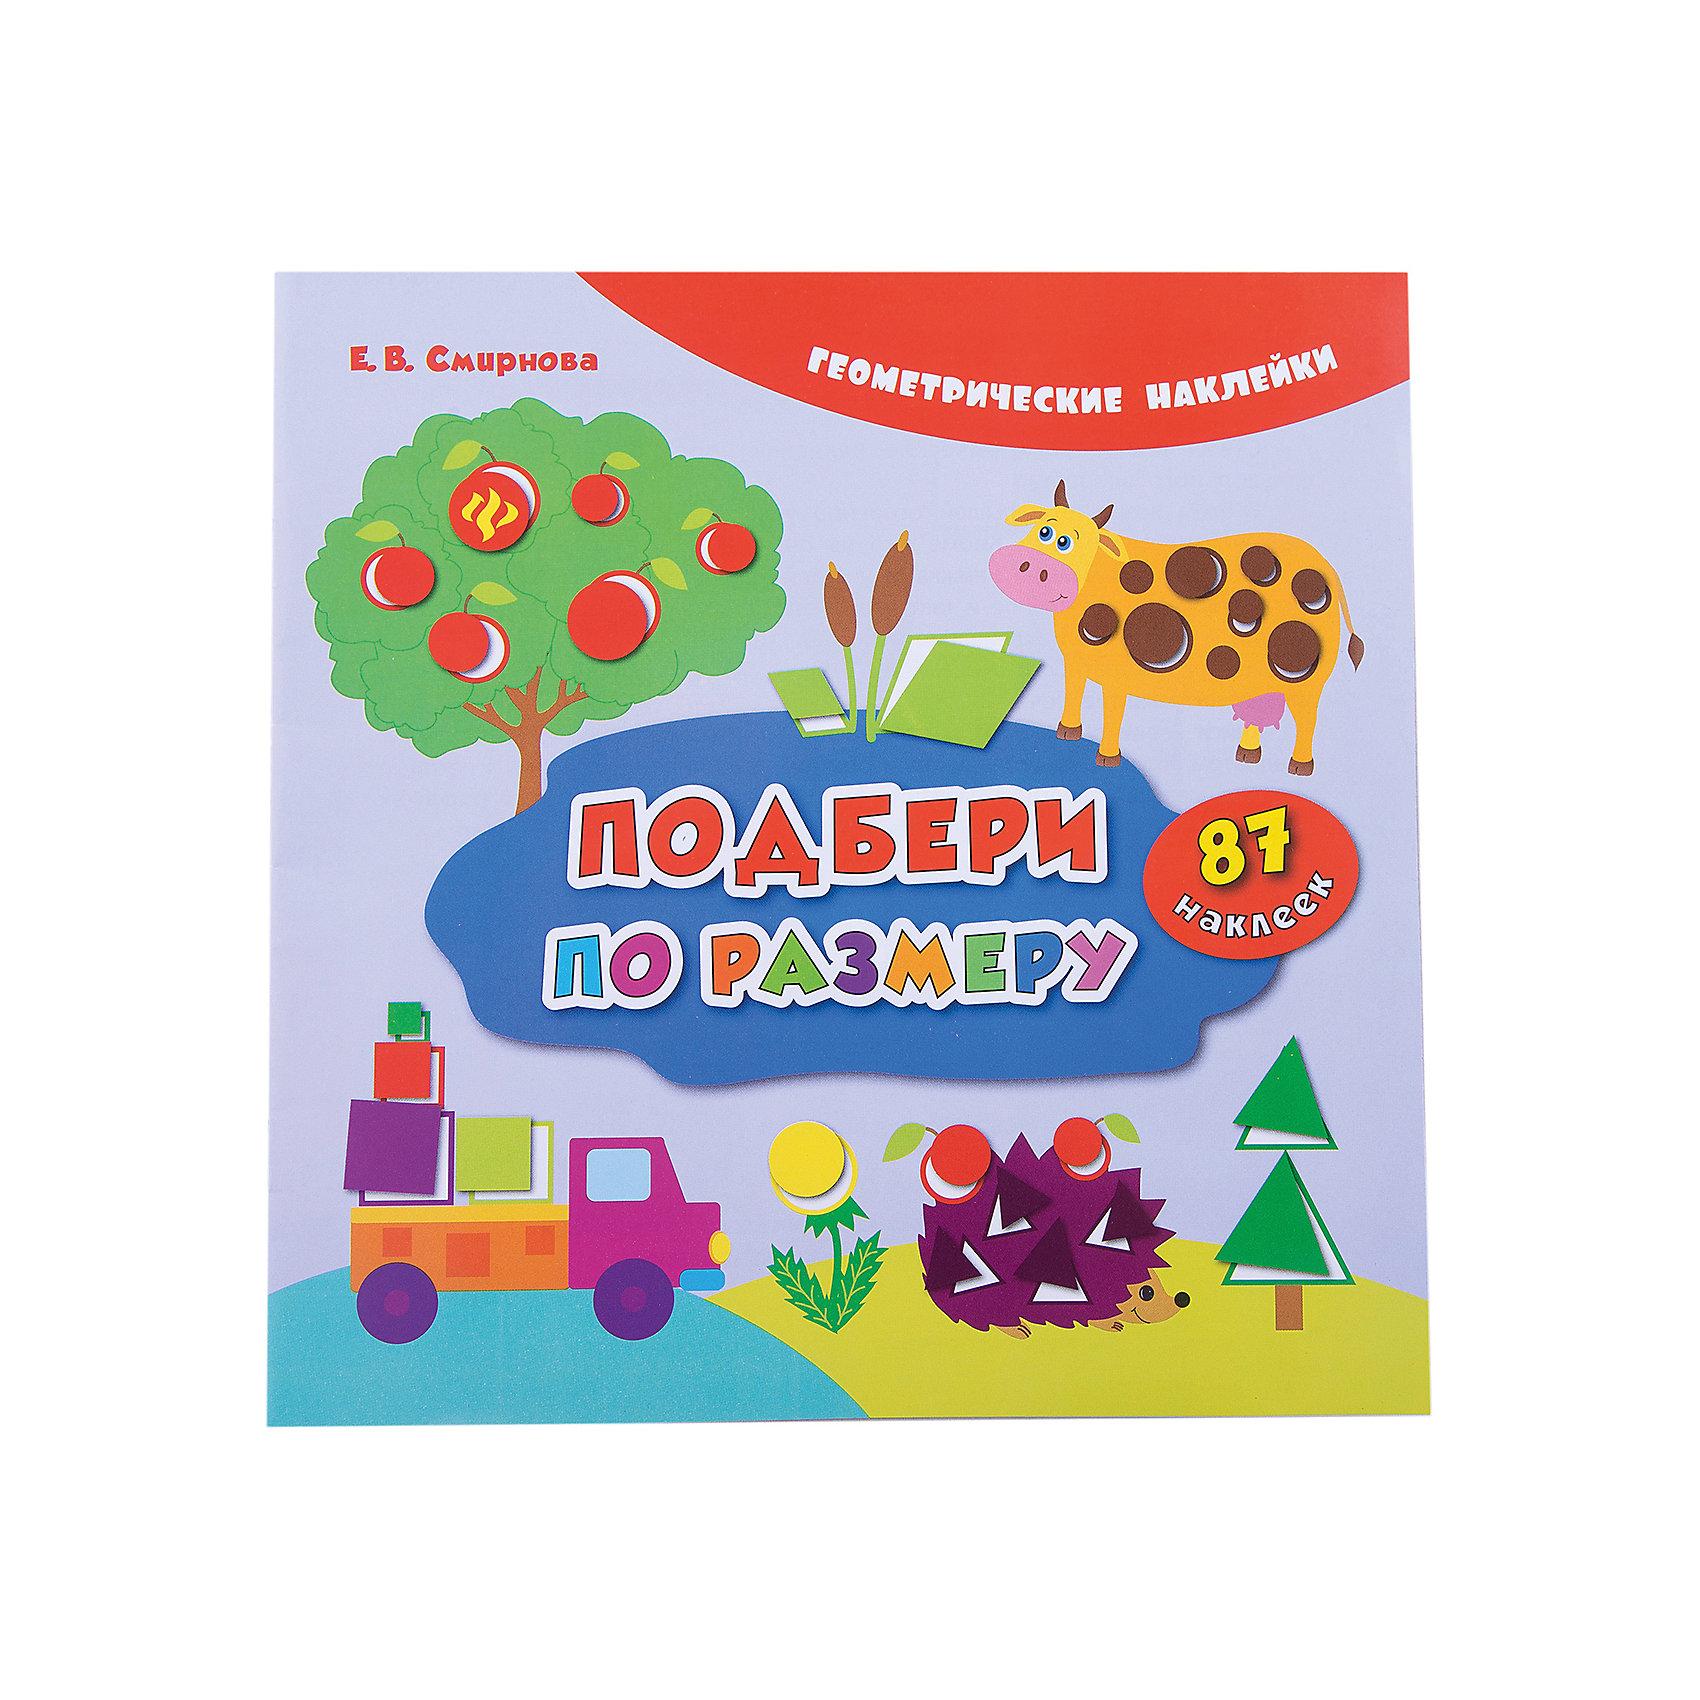 Подбери по размеруДанная книга познакомит детей с такими геометрическими фигурами, как квадрат, круг, треугольник и ромб. Дети научатся работать с этими фигурами: называть, узнавать на рисунке и среди окружающих предметов, искать наклейки соответствующей формы, размера и<br><br>Ширина мм: 215<br>Глубина мм: 1<br>Высота мм: 214<br>Вес г: 57<br>Возраст от месяцев: 12<br>Возраст до месяцев: 60<br>Пол: Унисекс<br>Возраст: Детский<br>SKU: 5120144